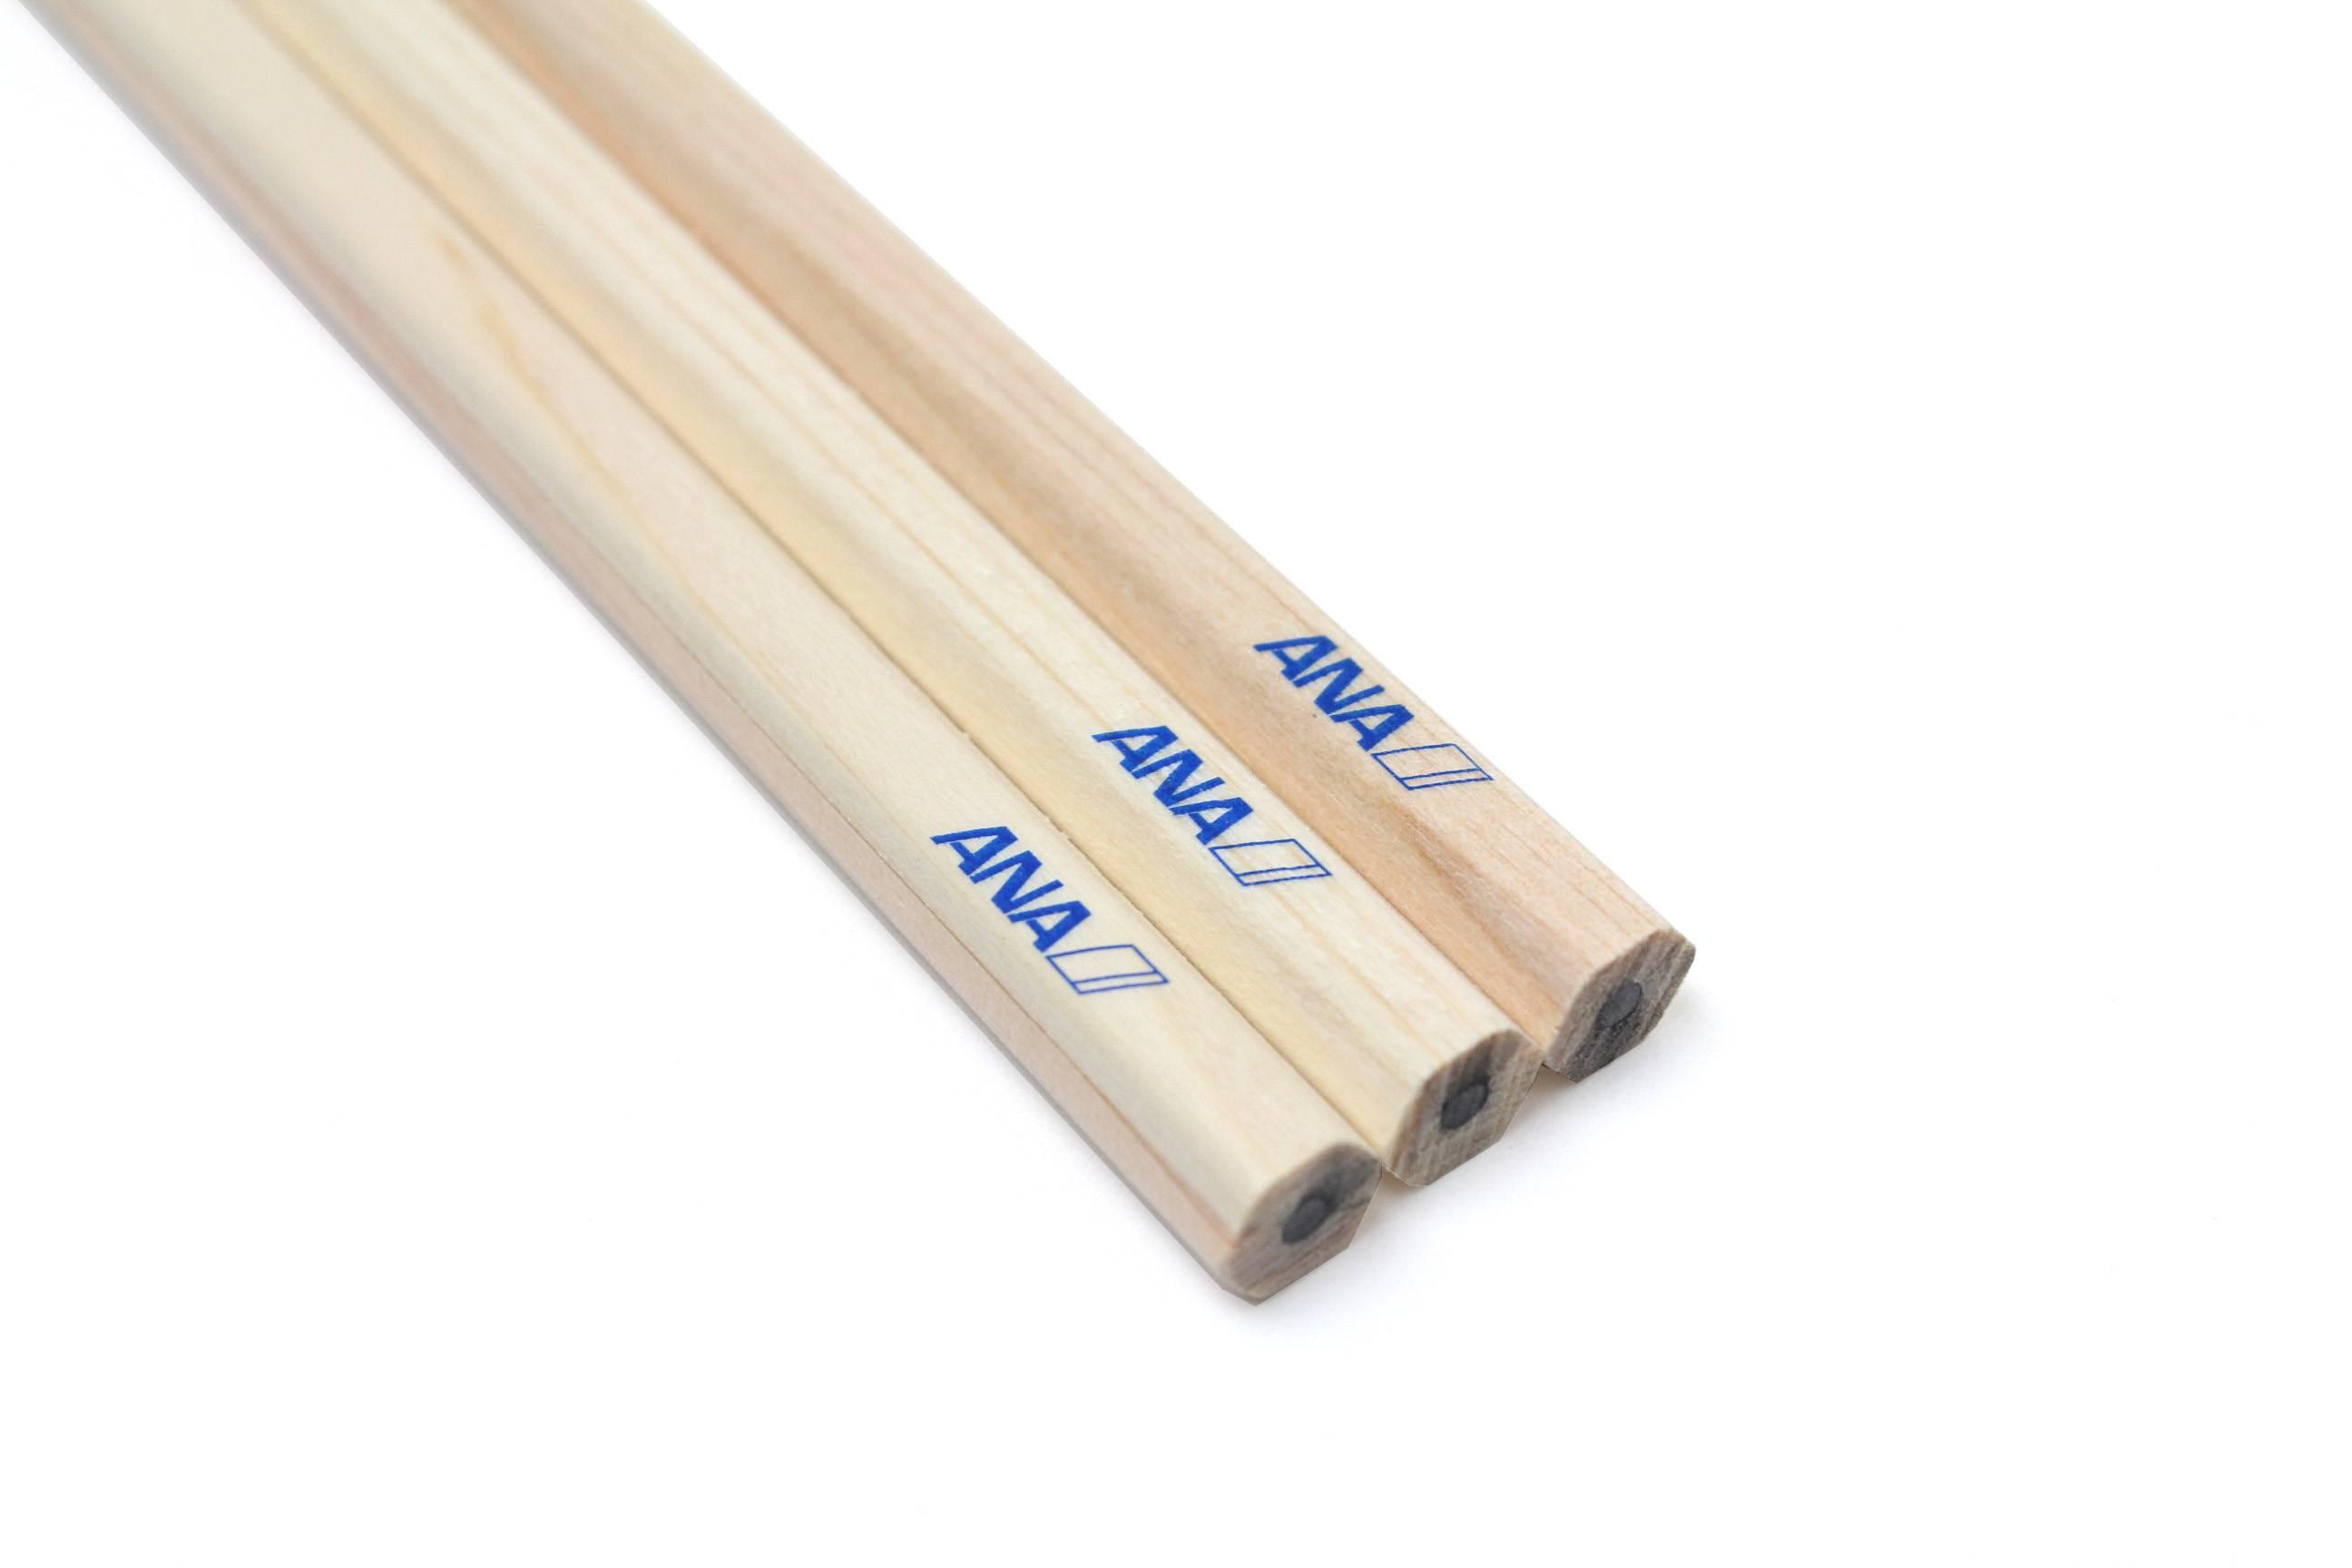 ANAホールディングス様のロゴが刻印された鉛筆